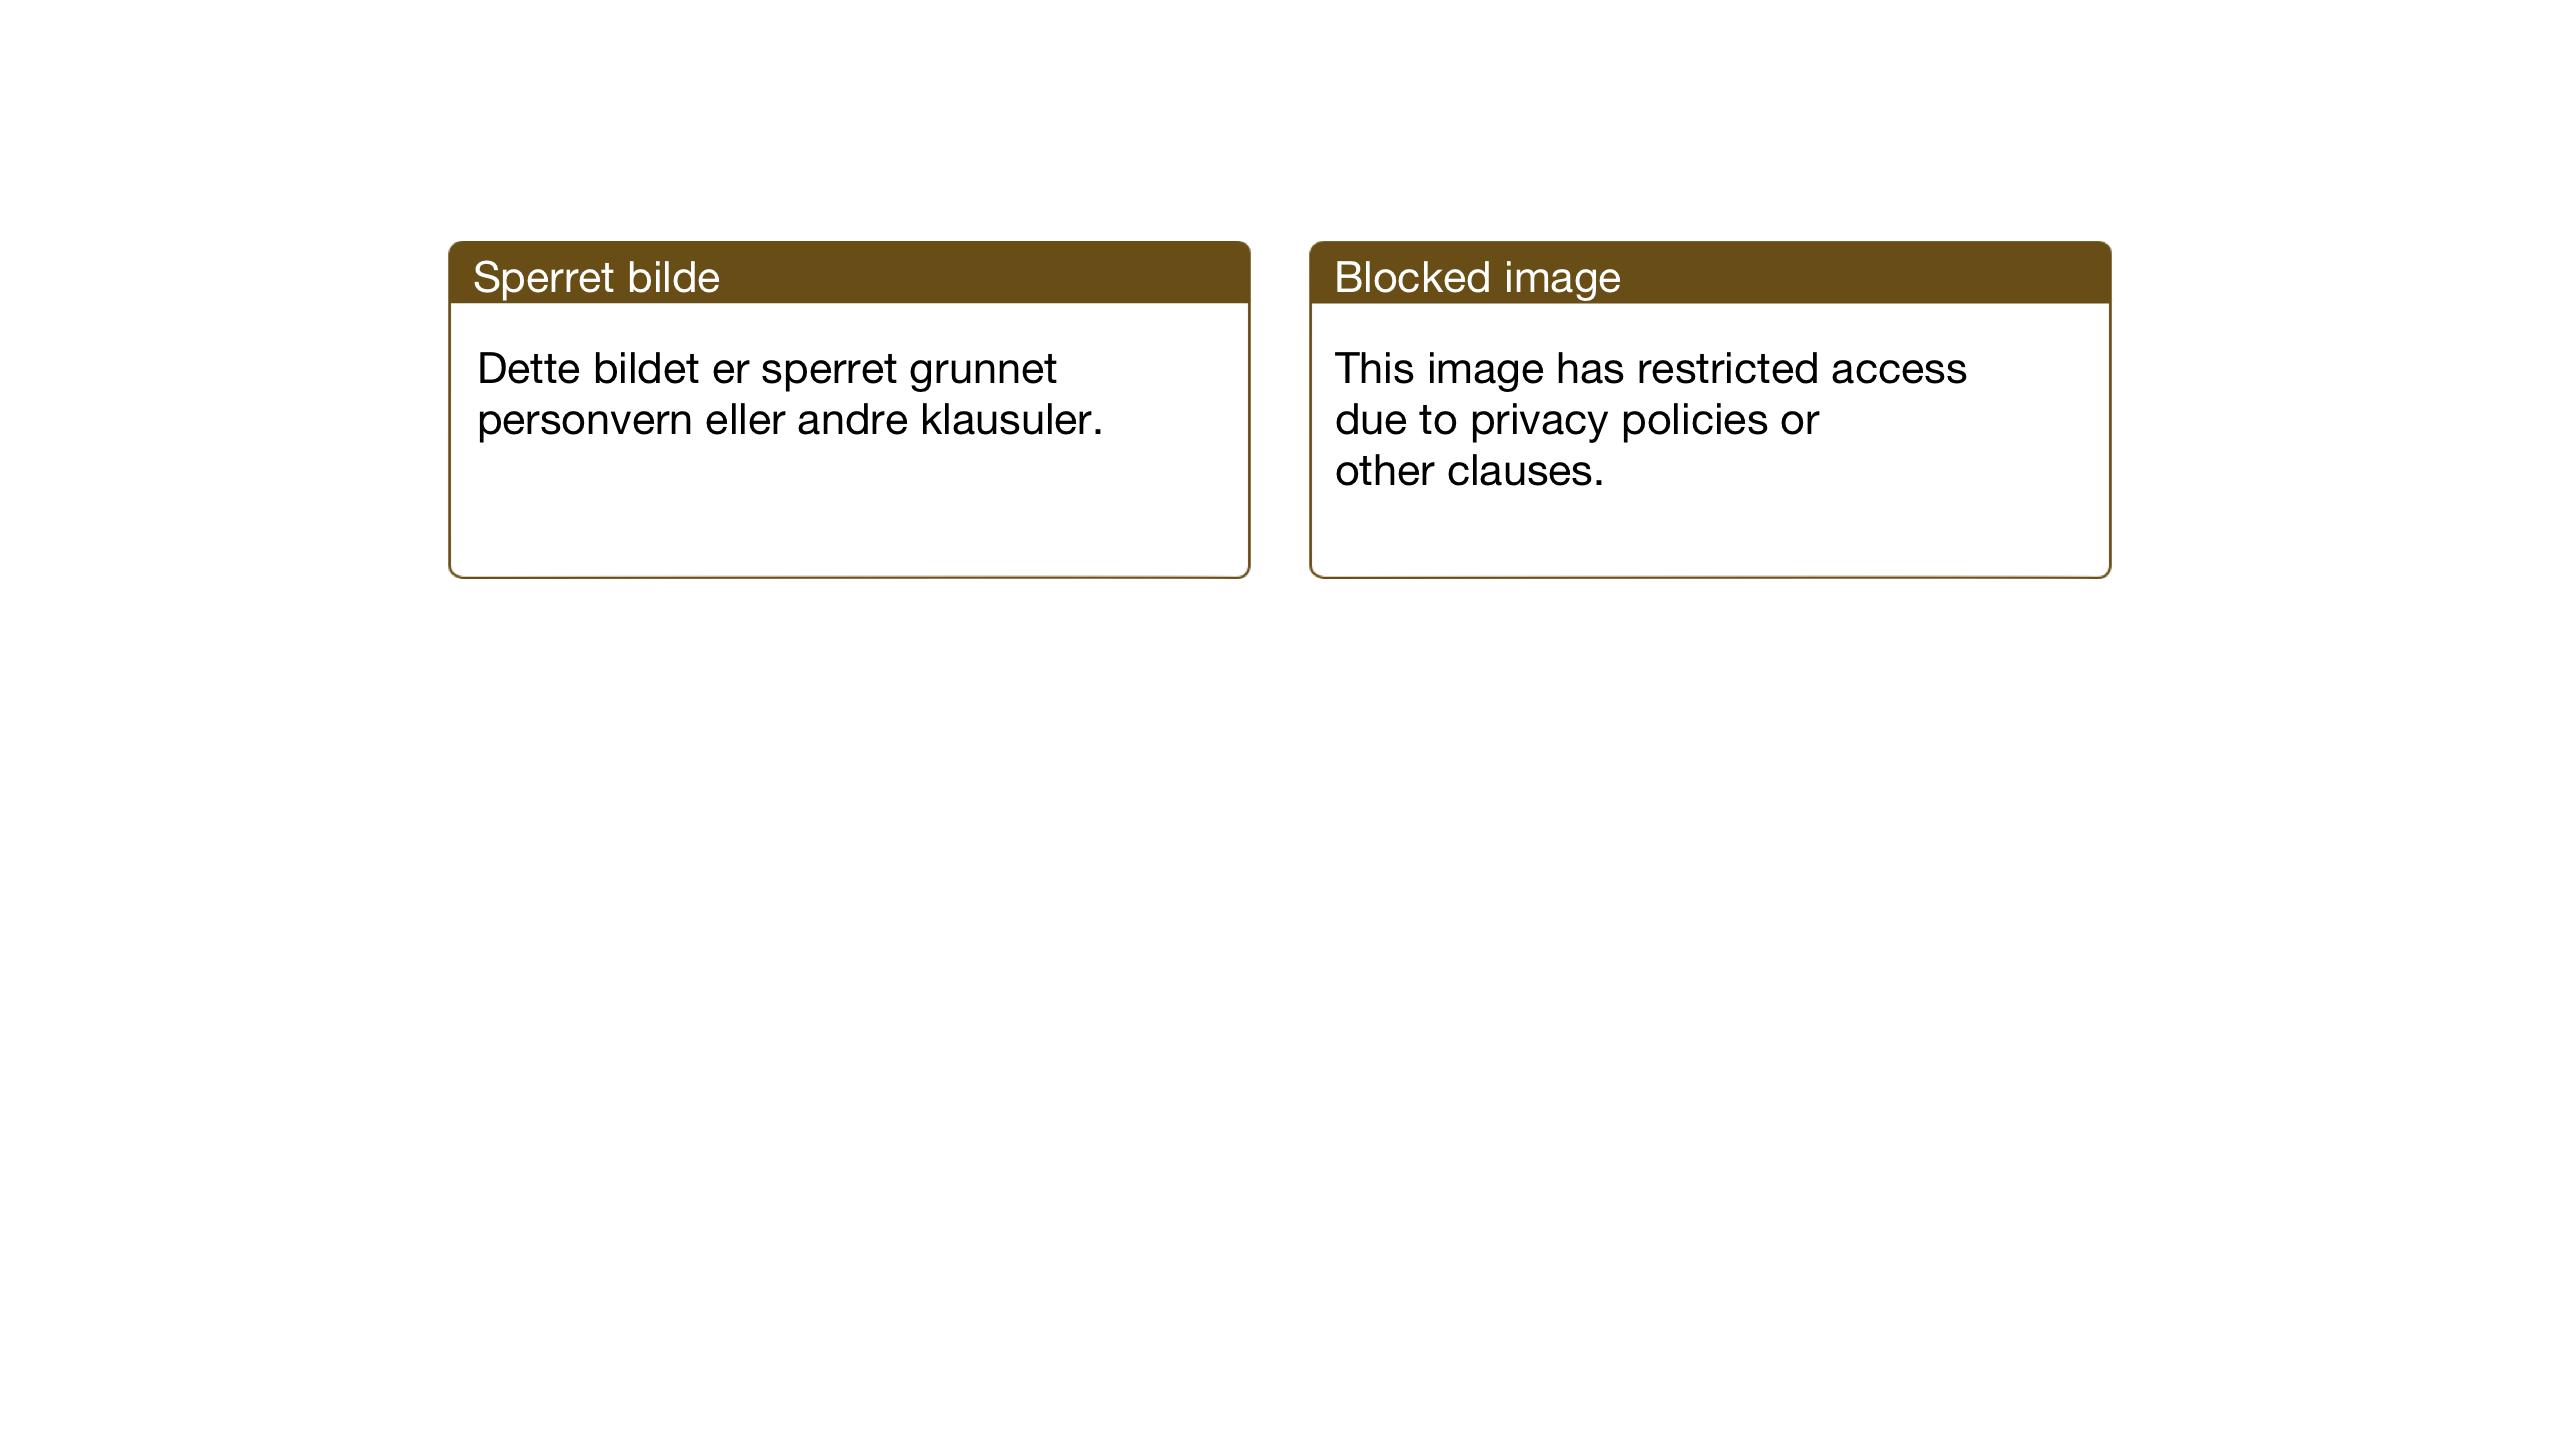 SAT, Ministerialprotokoller, klokkerbøker og fødselsregistre - Sør-Trøndelag, 637/L0563: Klokkerbok nr. 637C04, 1899-1940, s. 86